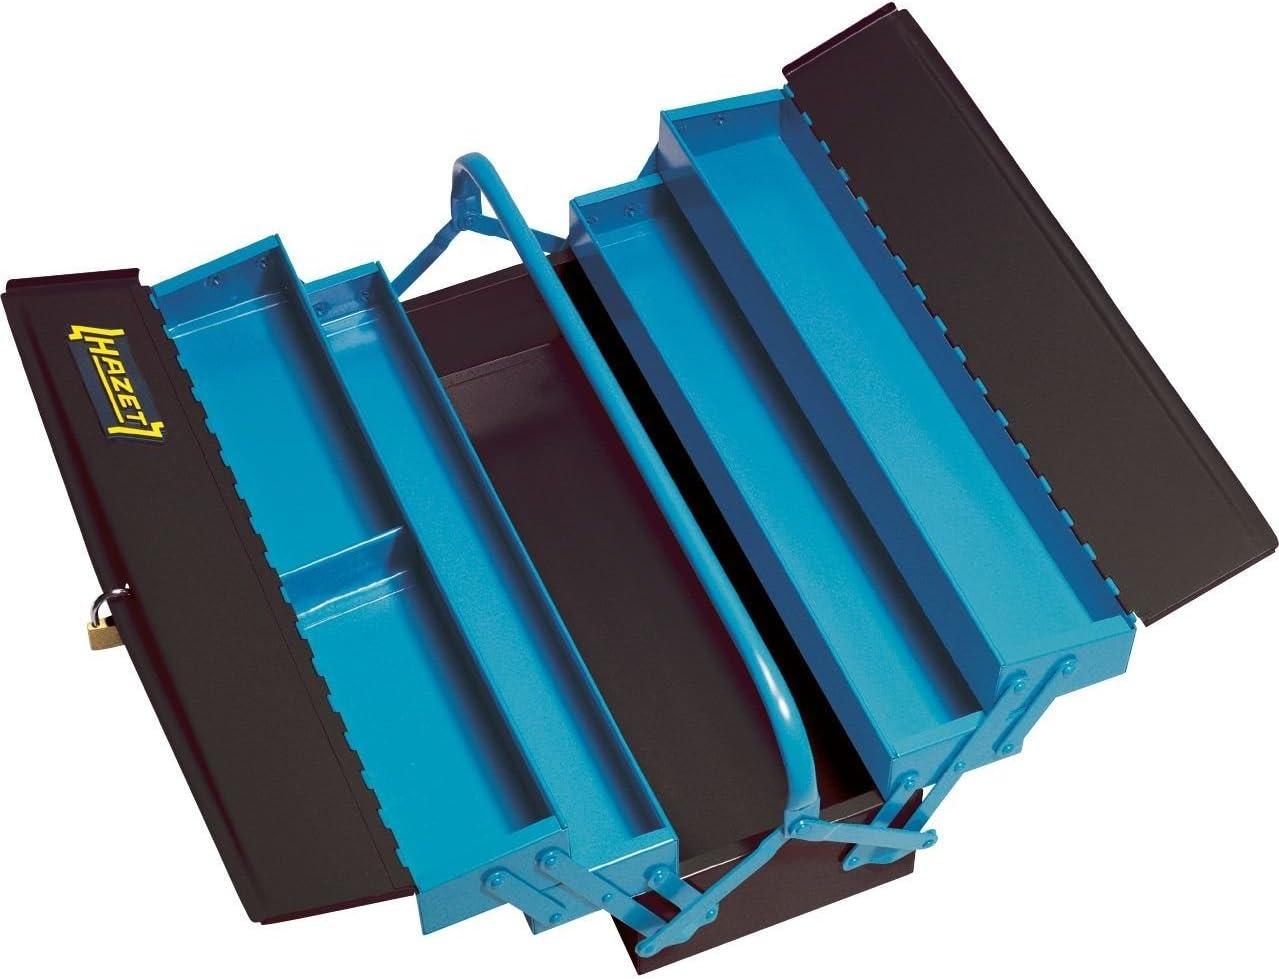 Hazet 190L Empty Tool Box, 22.64 x 9.65 x 8.27